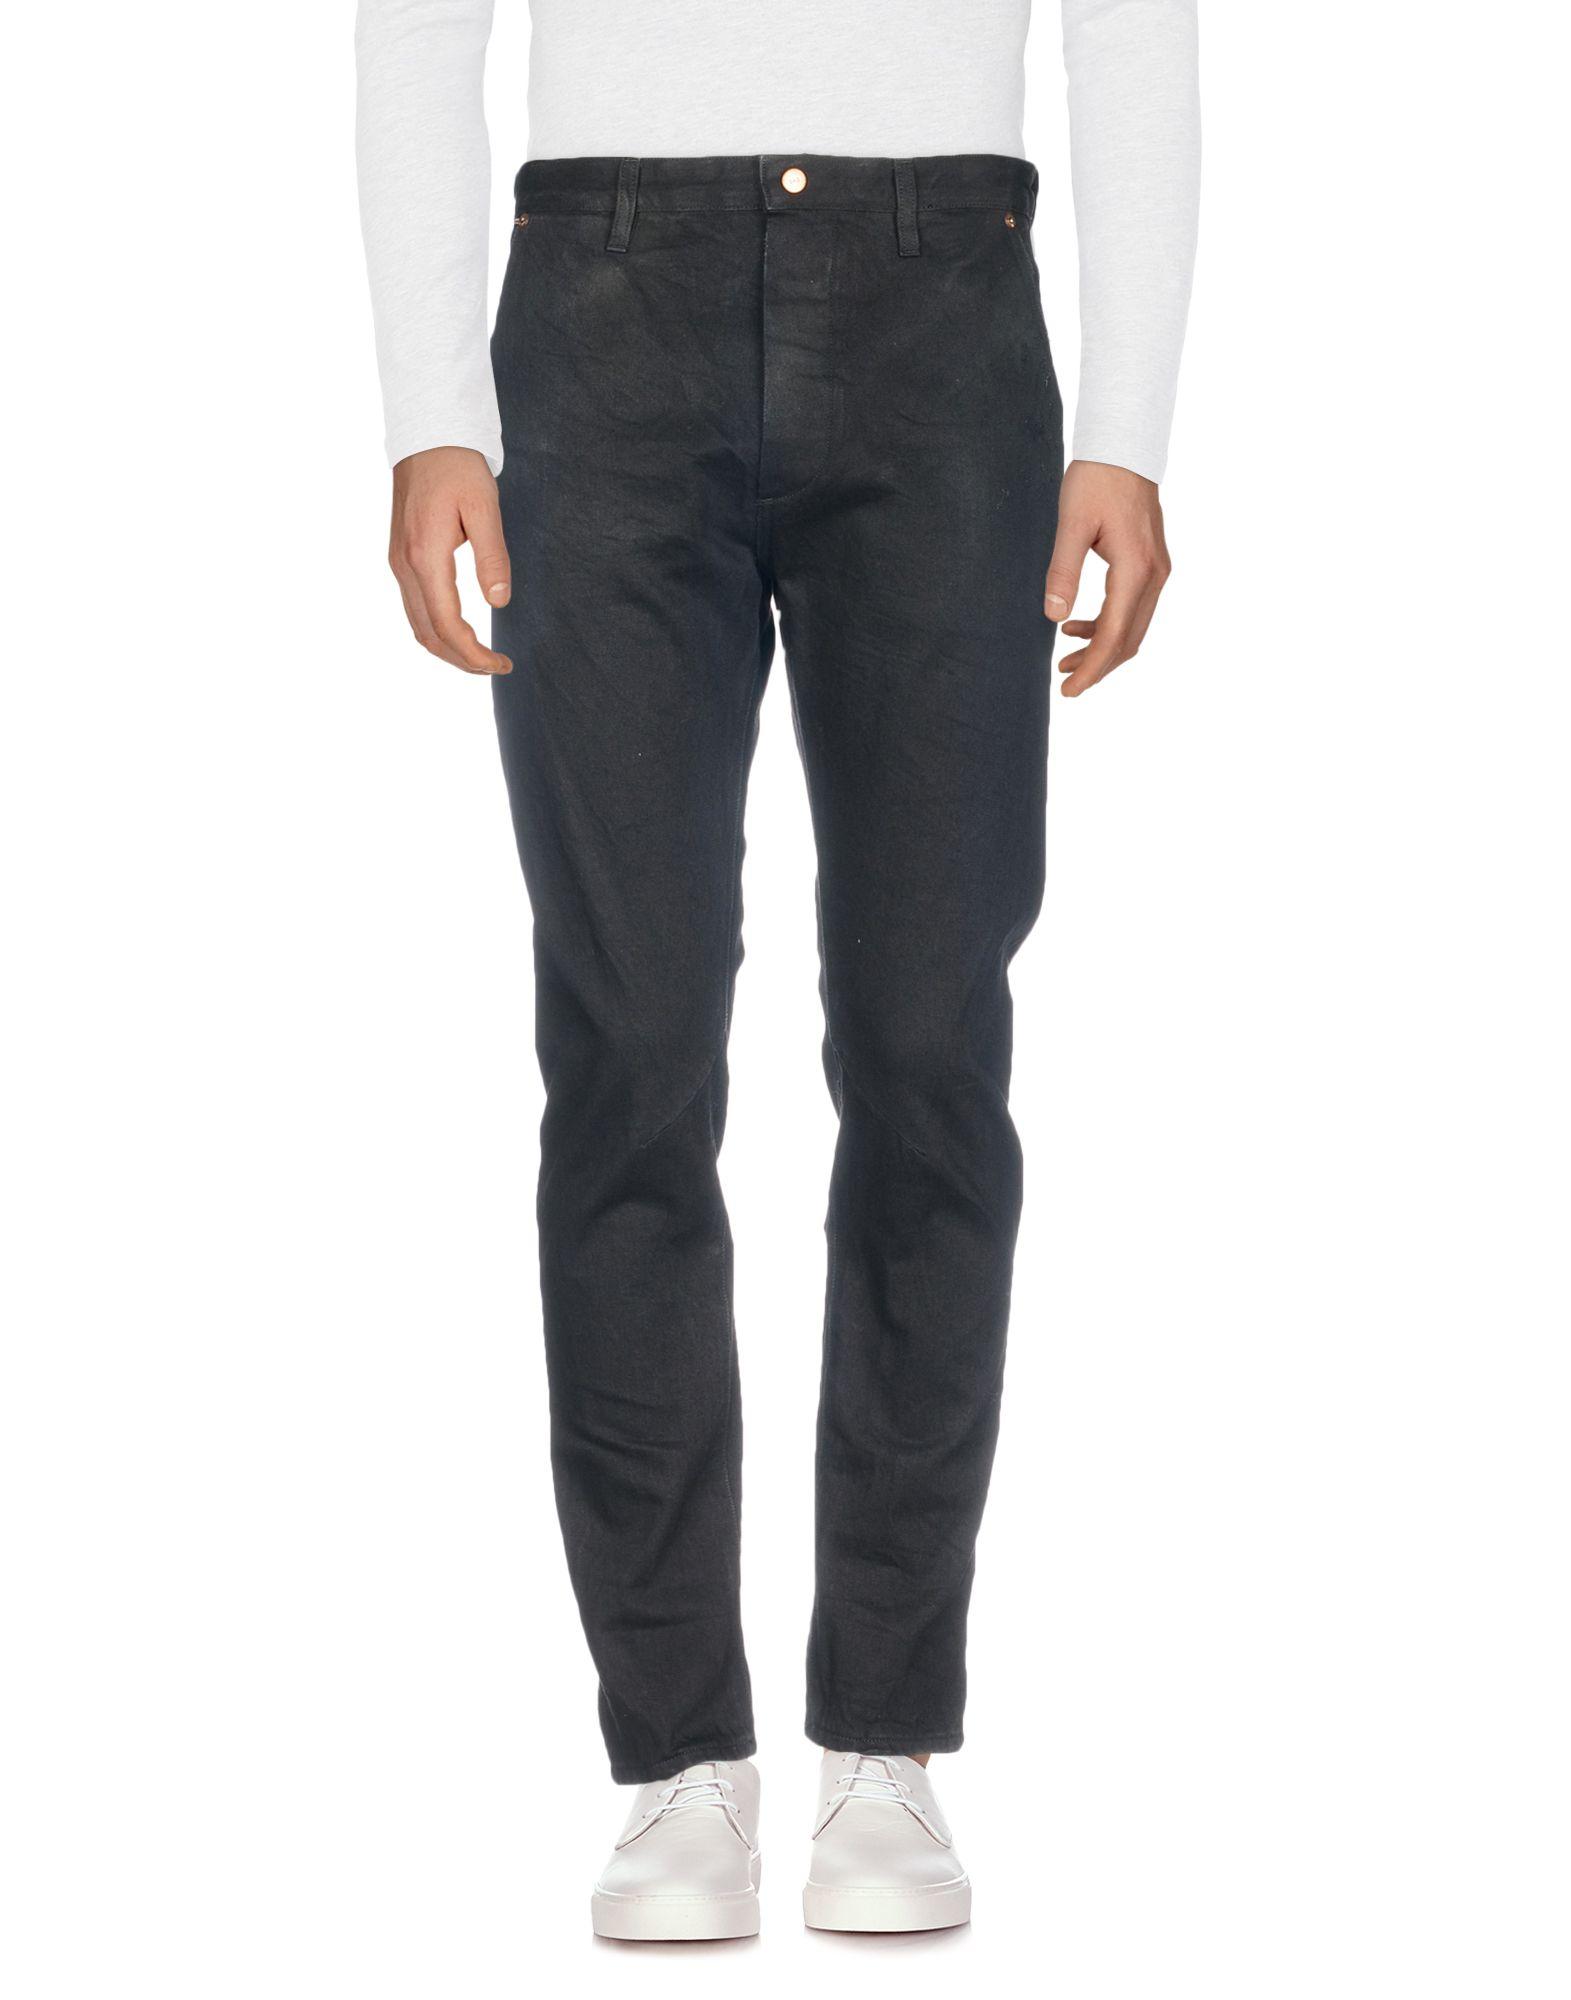 Pantaloni Jeans D.A.D. Denim Art Dept. Uomo - - Uomo 42677592XE c45a59